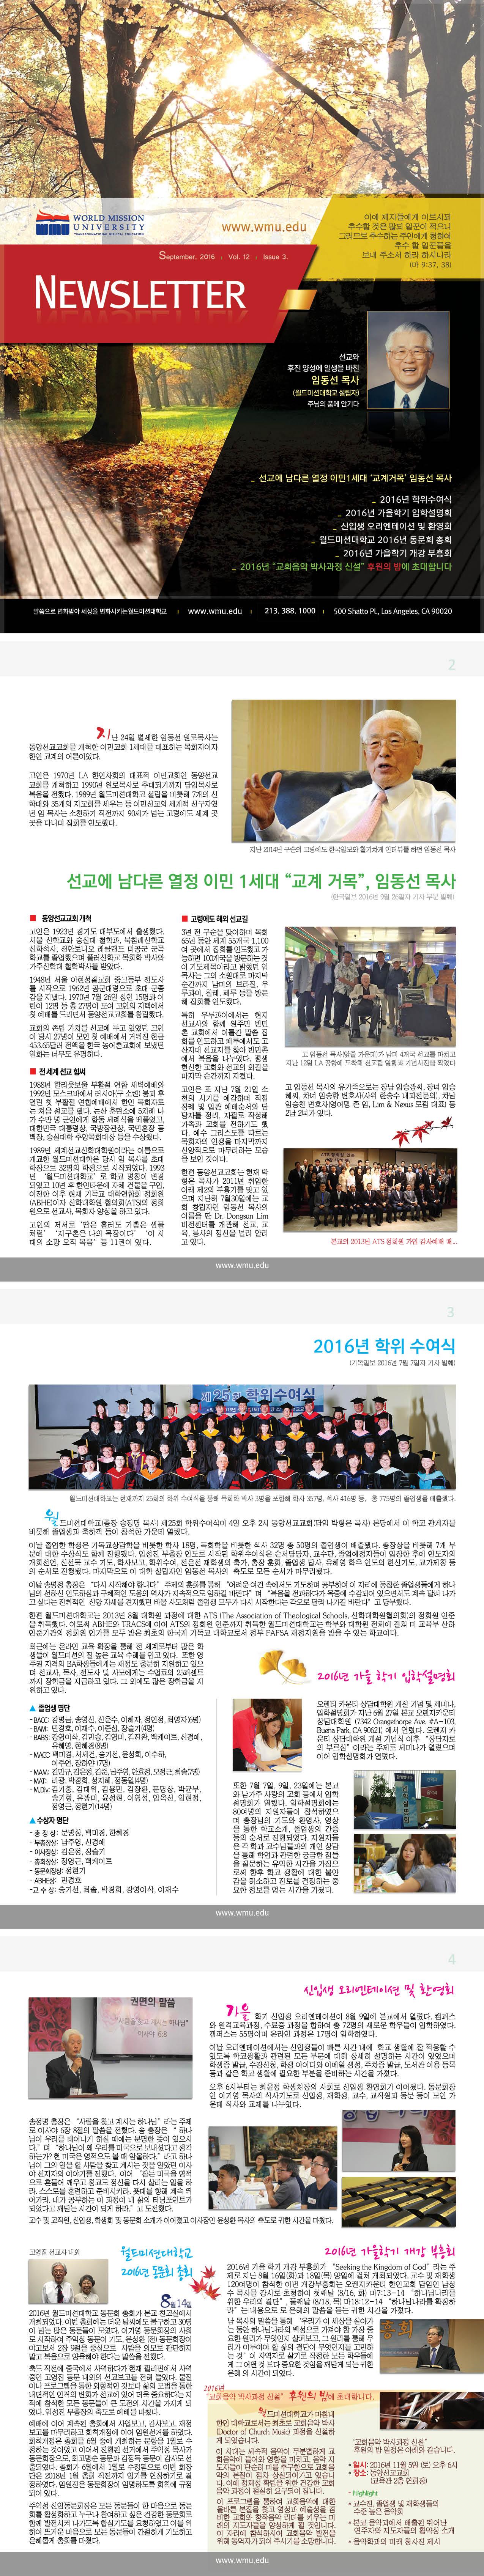 2016 1006 newsletter jpg.jpg